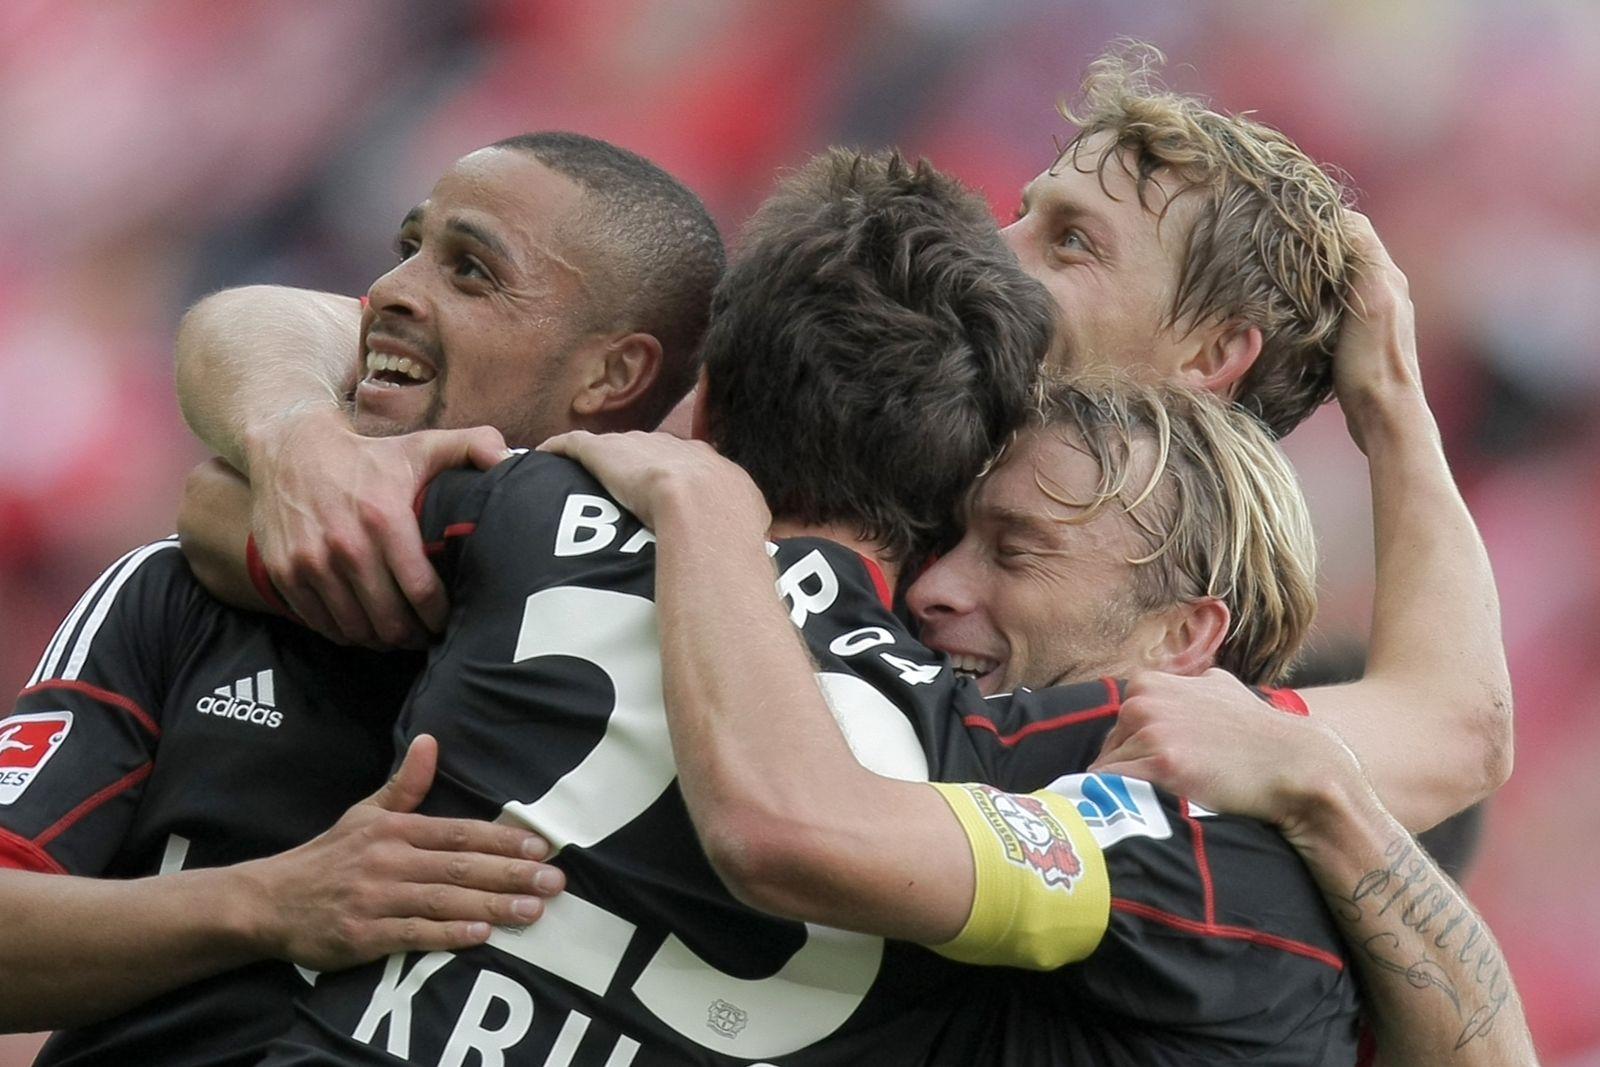 NUR FÜR SPAM 1. FSV Mainz 05 - Bayer 04 Leverkusen 1:4